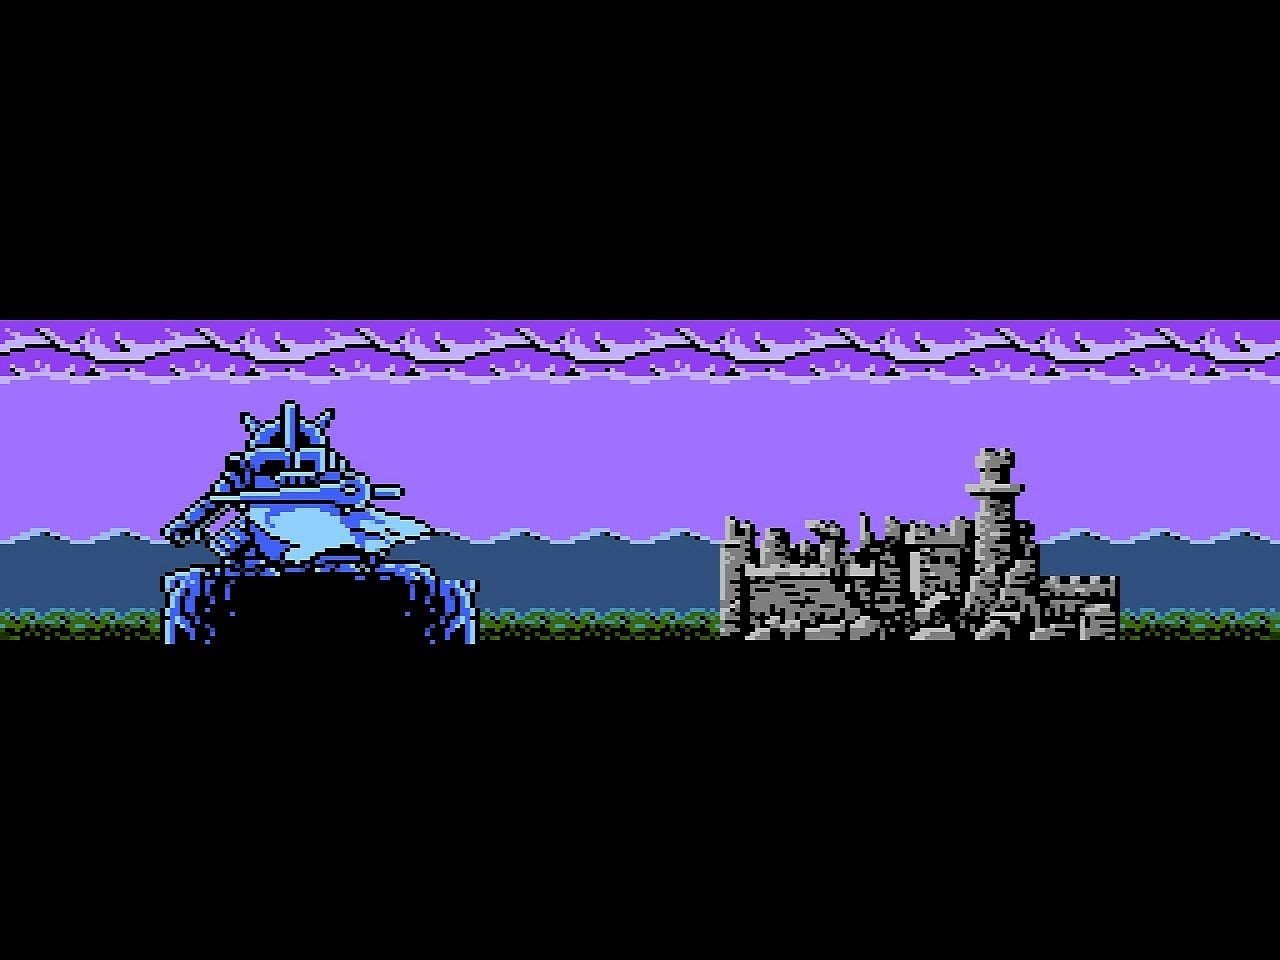 キャラゲー屈指の名作! ファミコン『SDガンダム外伝 ナイトガンダム物語』は「かゆいところに手が届く」RPGだったの画像008